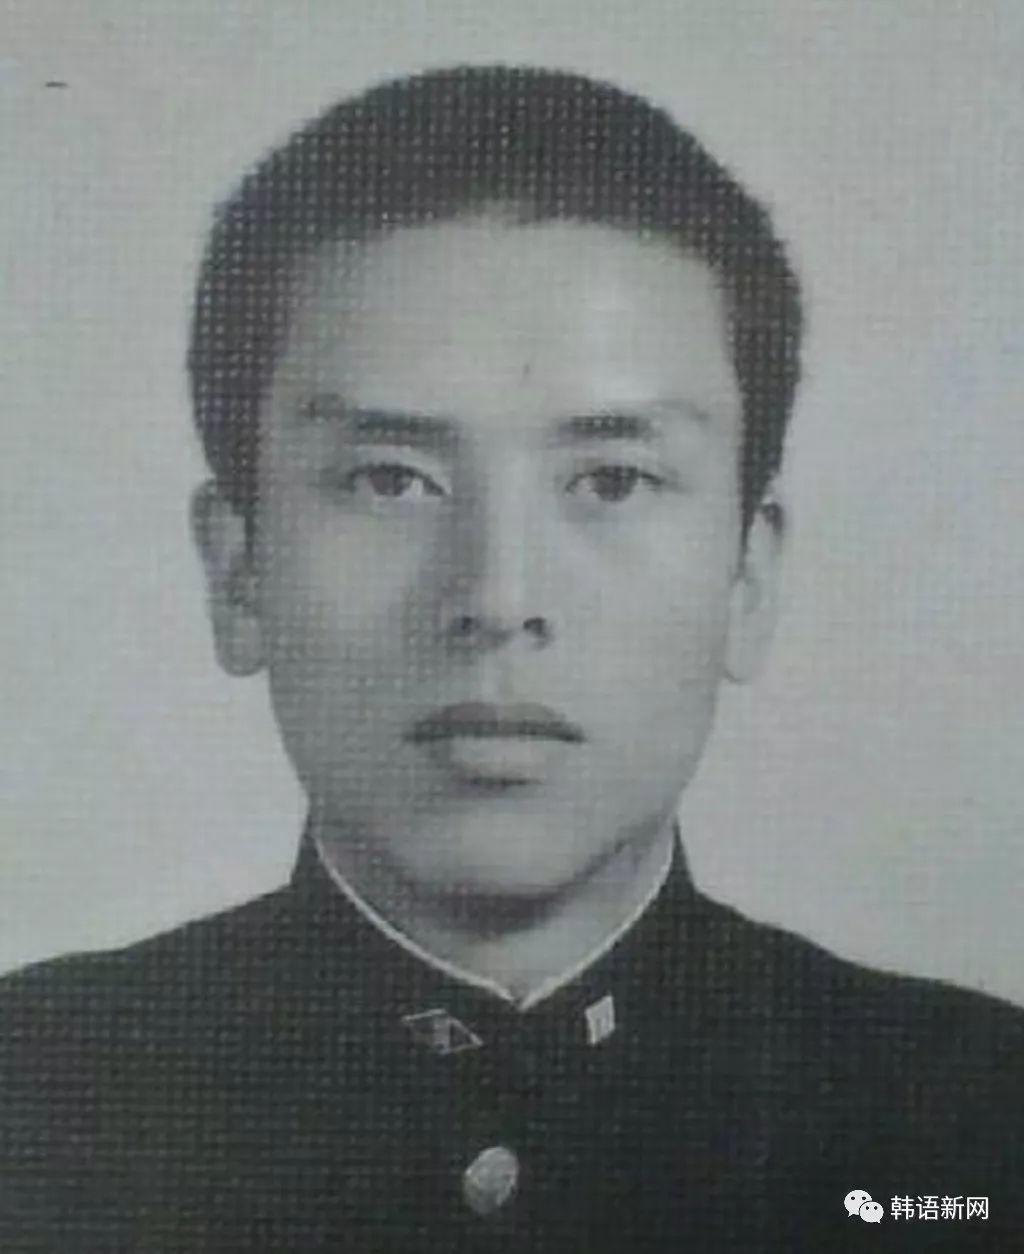 韩国64岁模特证明 年龄只是个数字